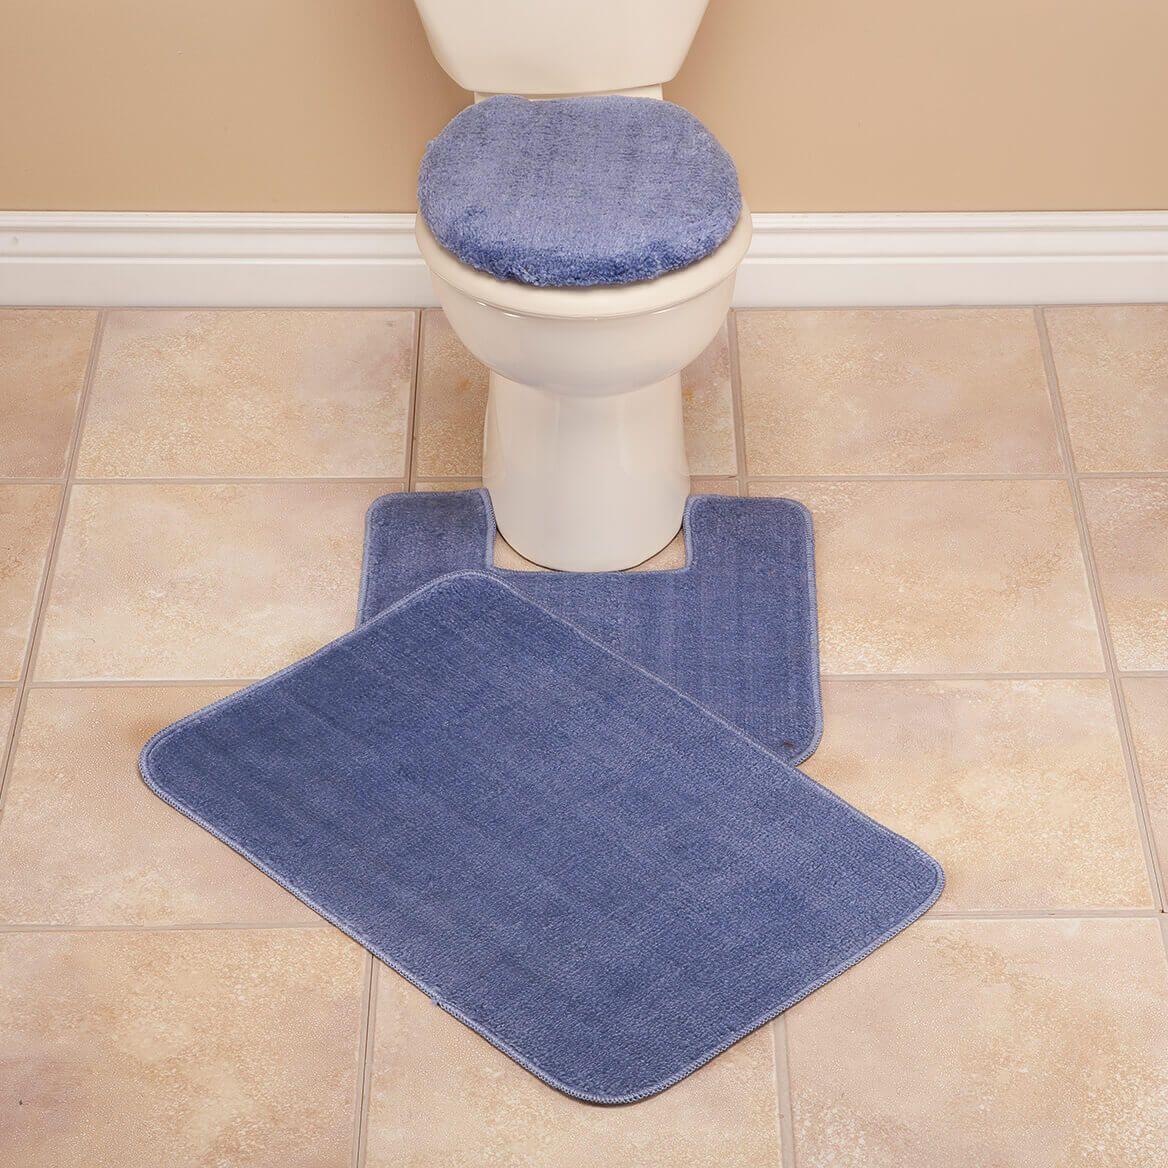 Plush Bath Rug Set-321153